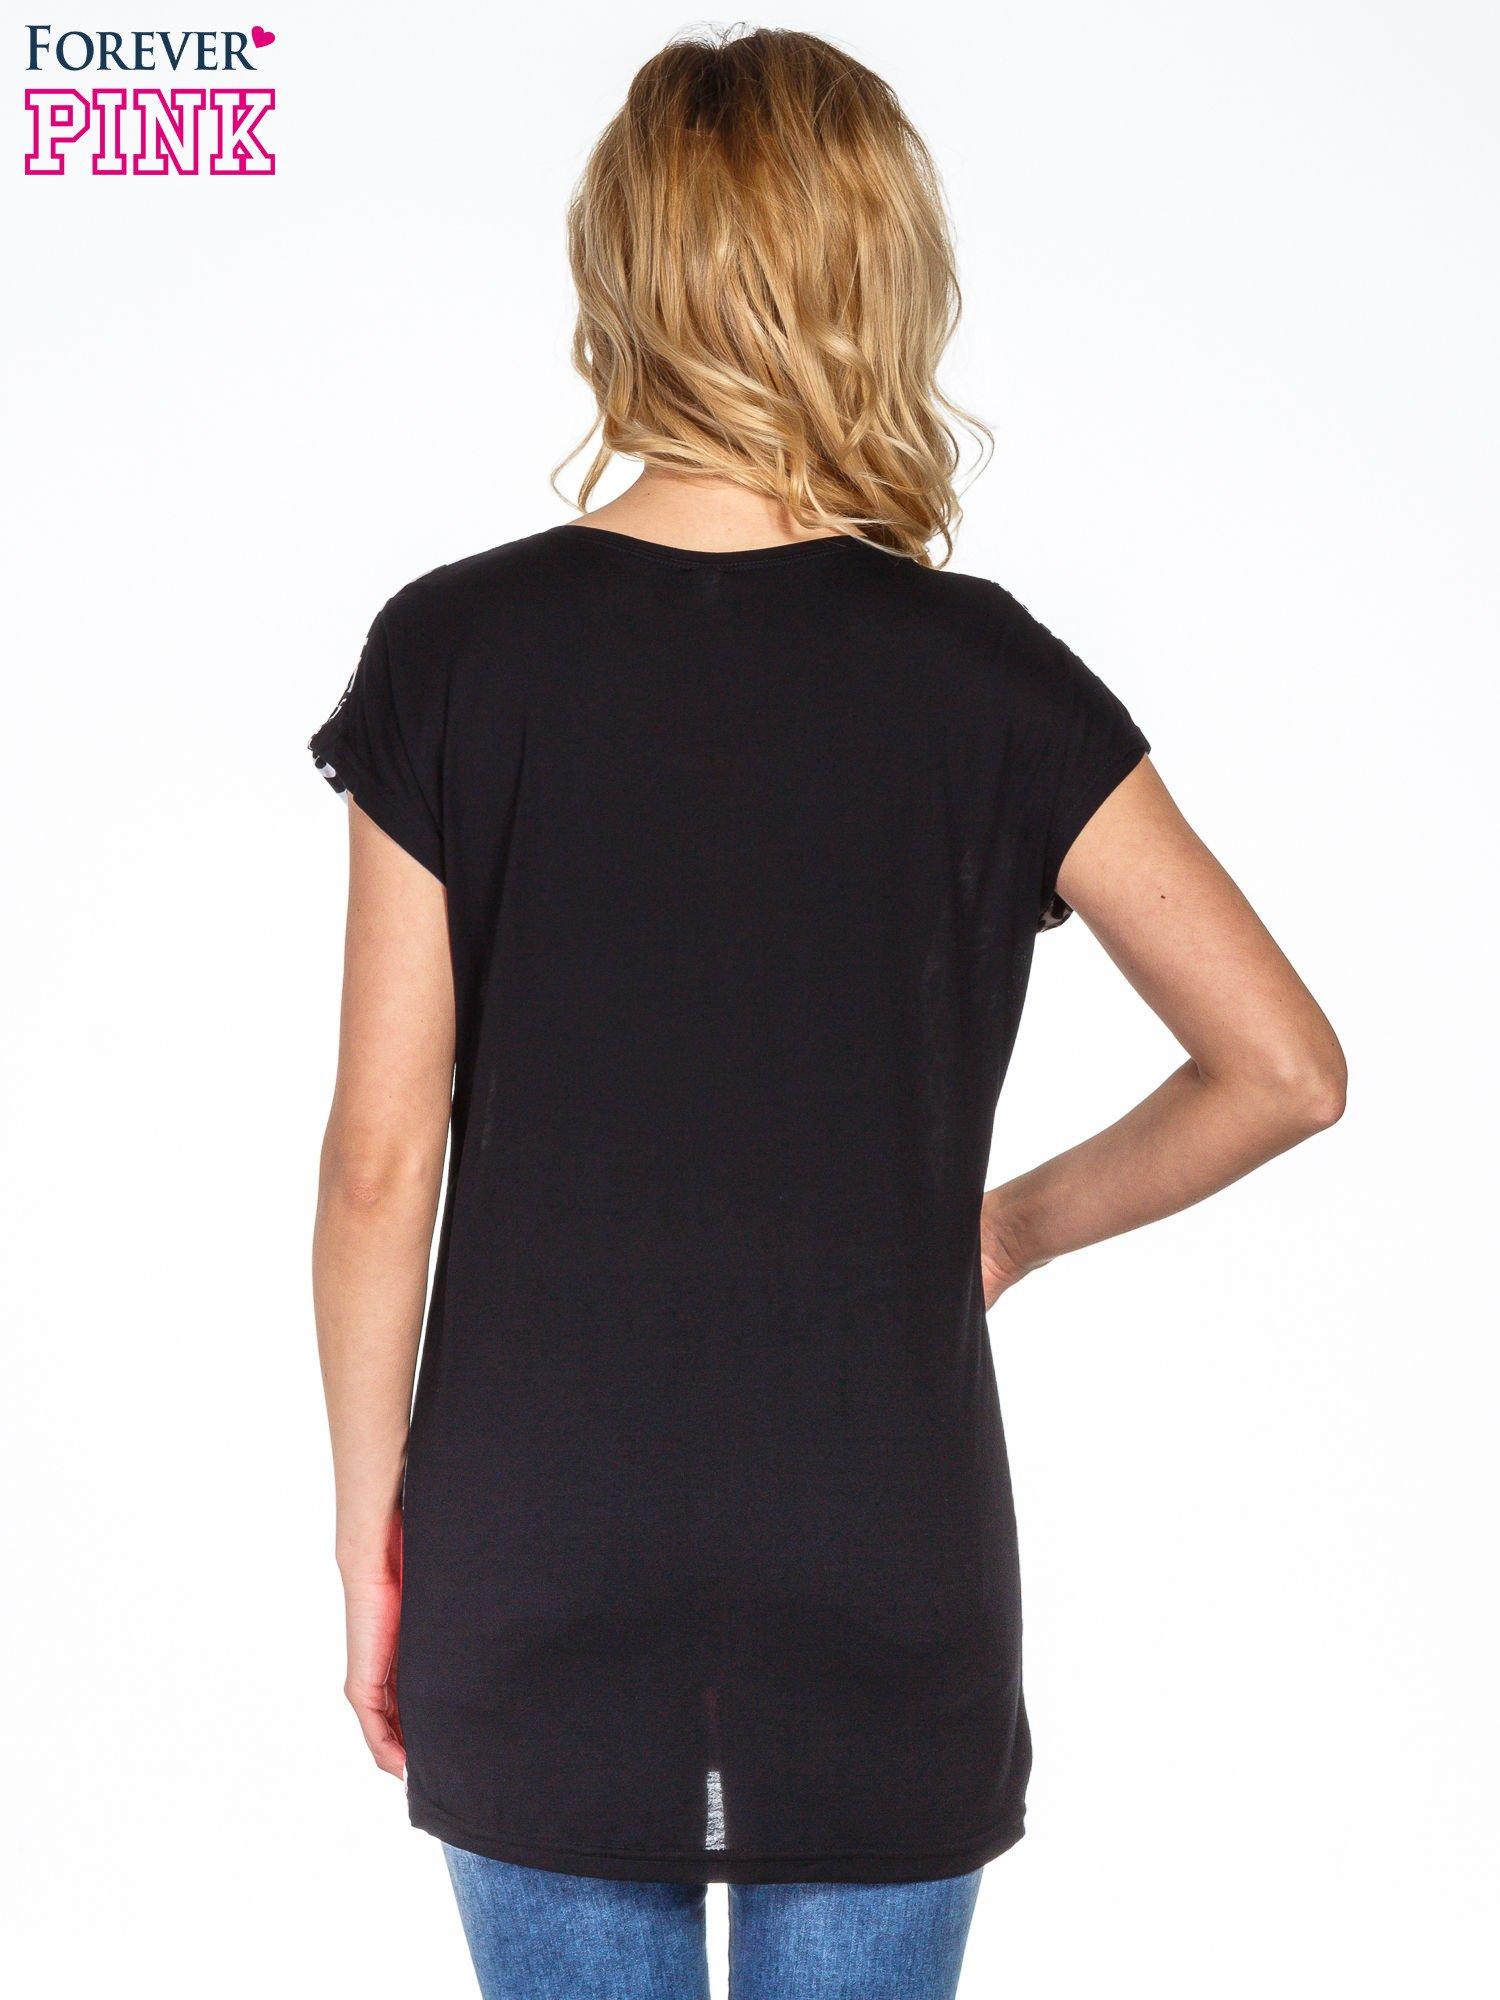 Panterkowy t-shirt z nadrukiem kwiatów                                  zdj.                                  4